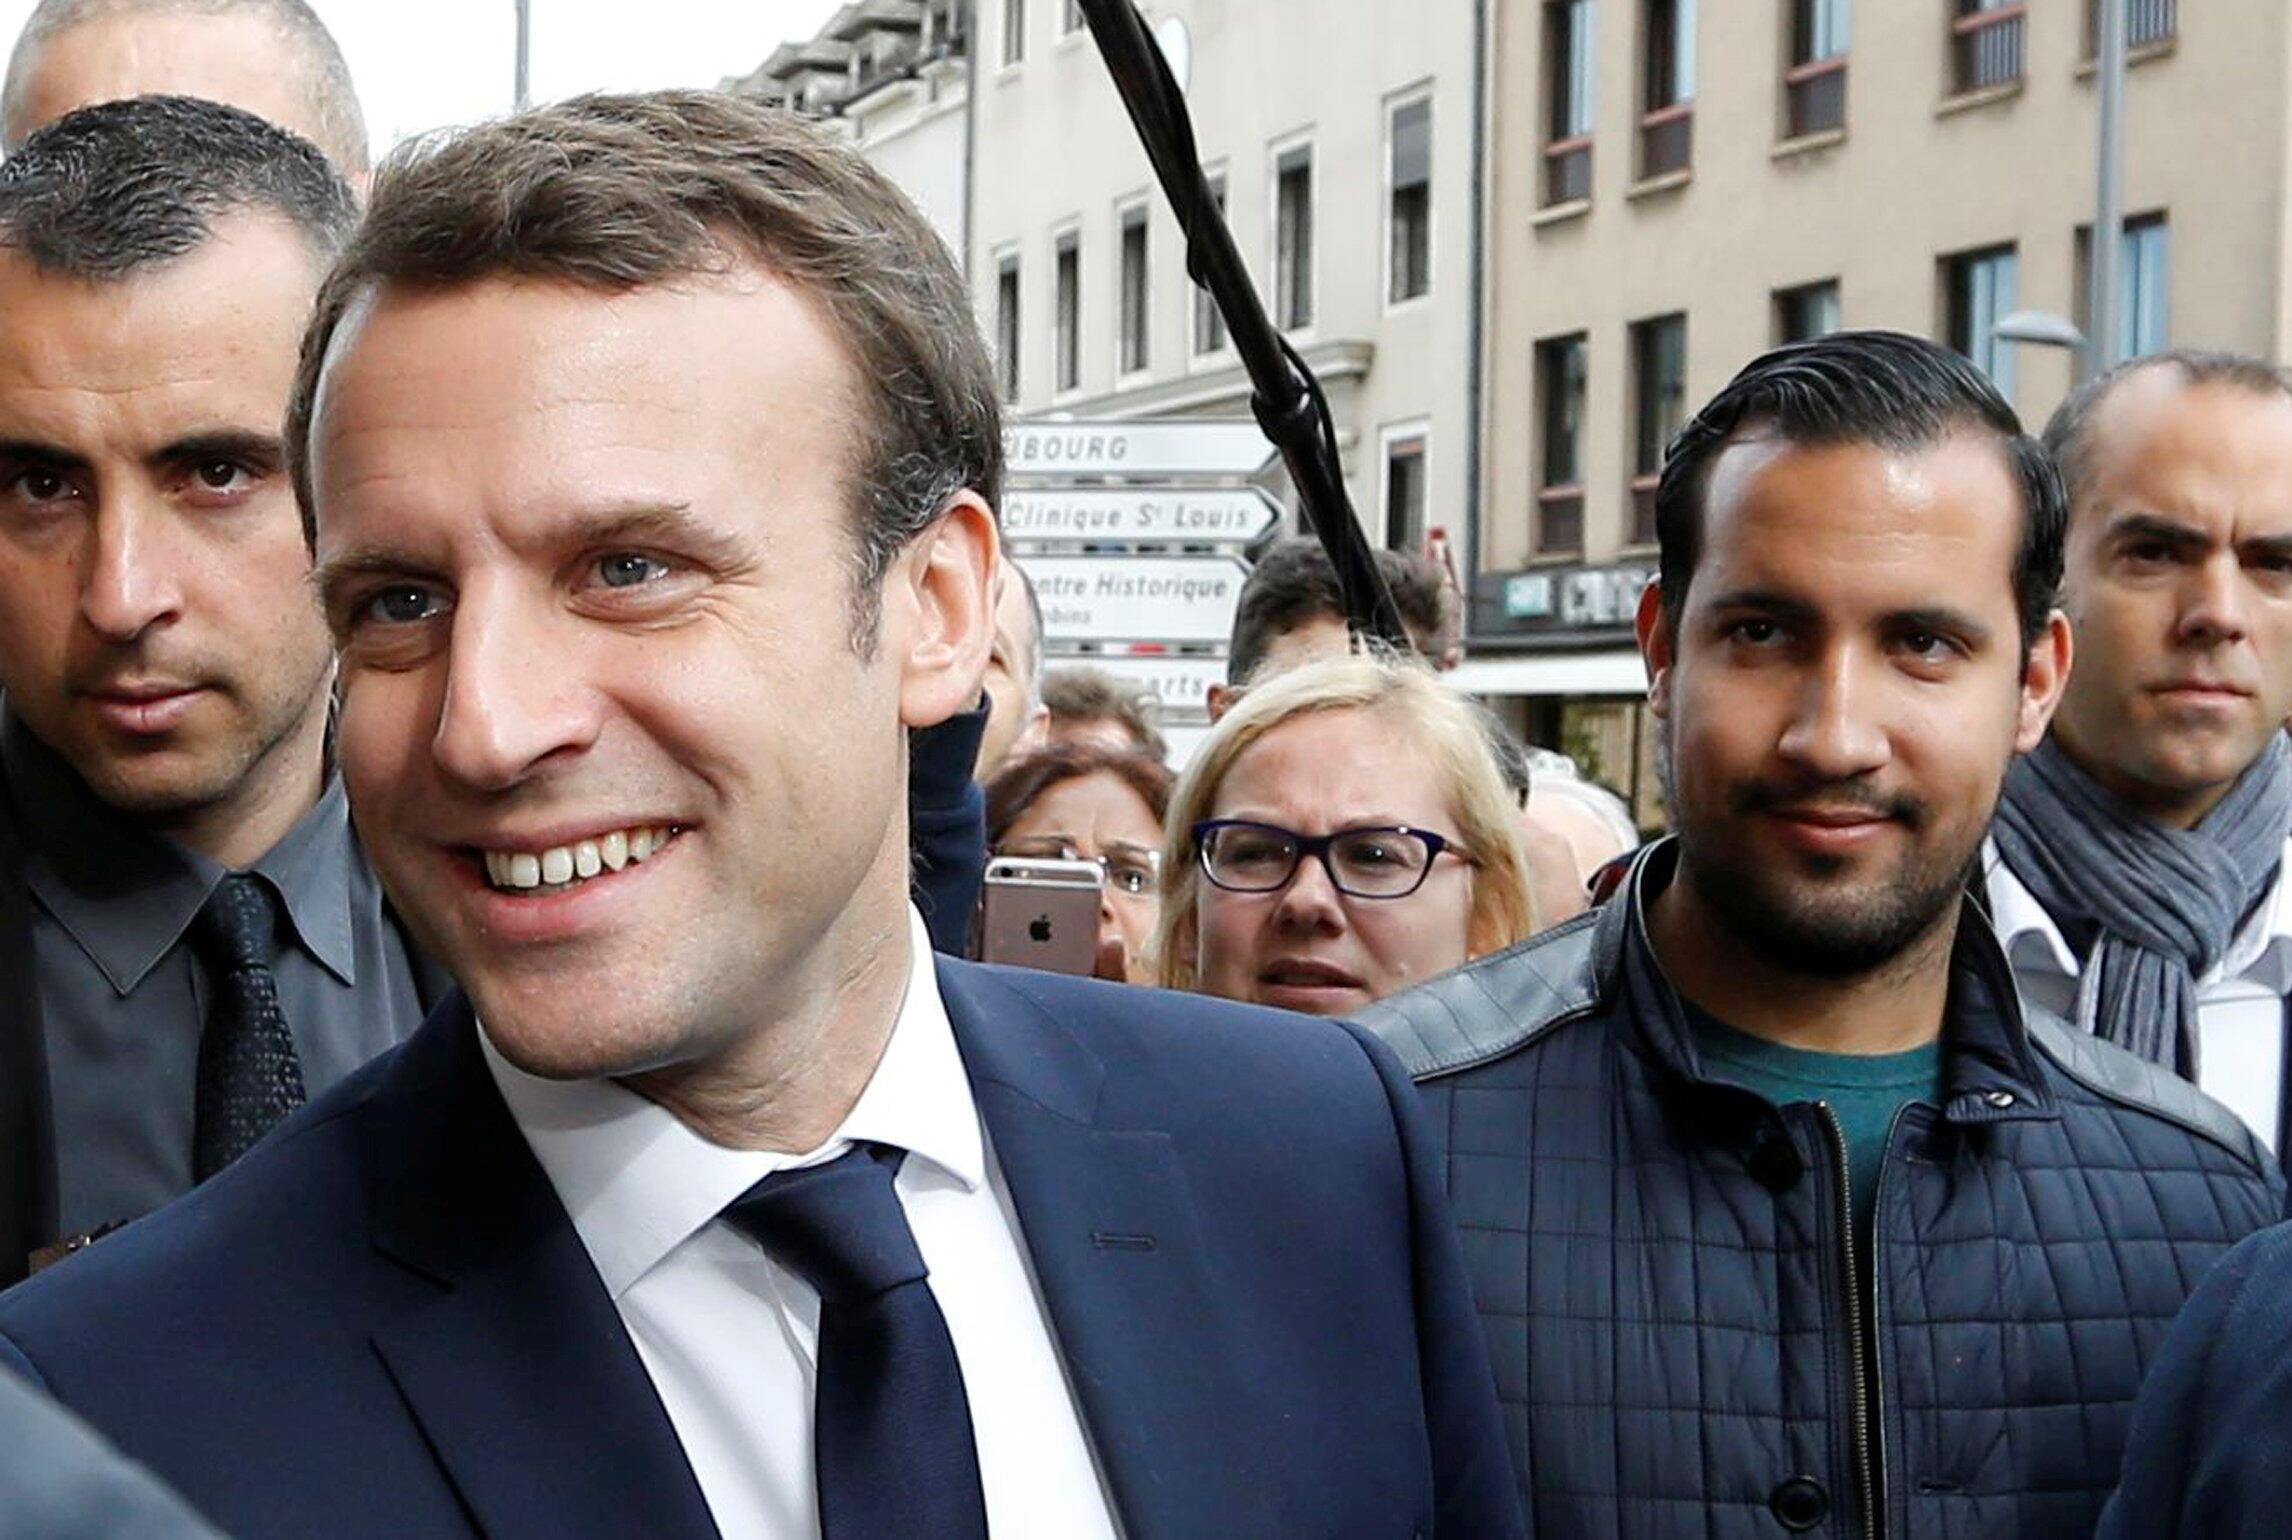 Alexandre Benalla (P) luôn theo sát ông Emmanuel Macron như hình với bóng, ngay từ lúc mới ra tranh cử. Ảnh chụp ngày 05/05/2017.